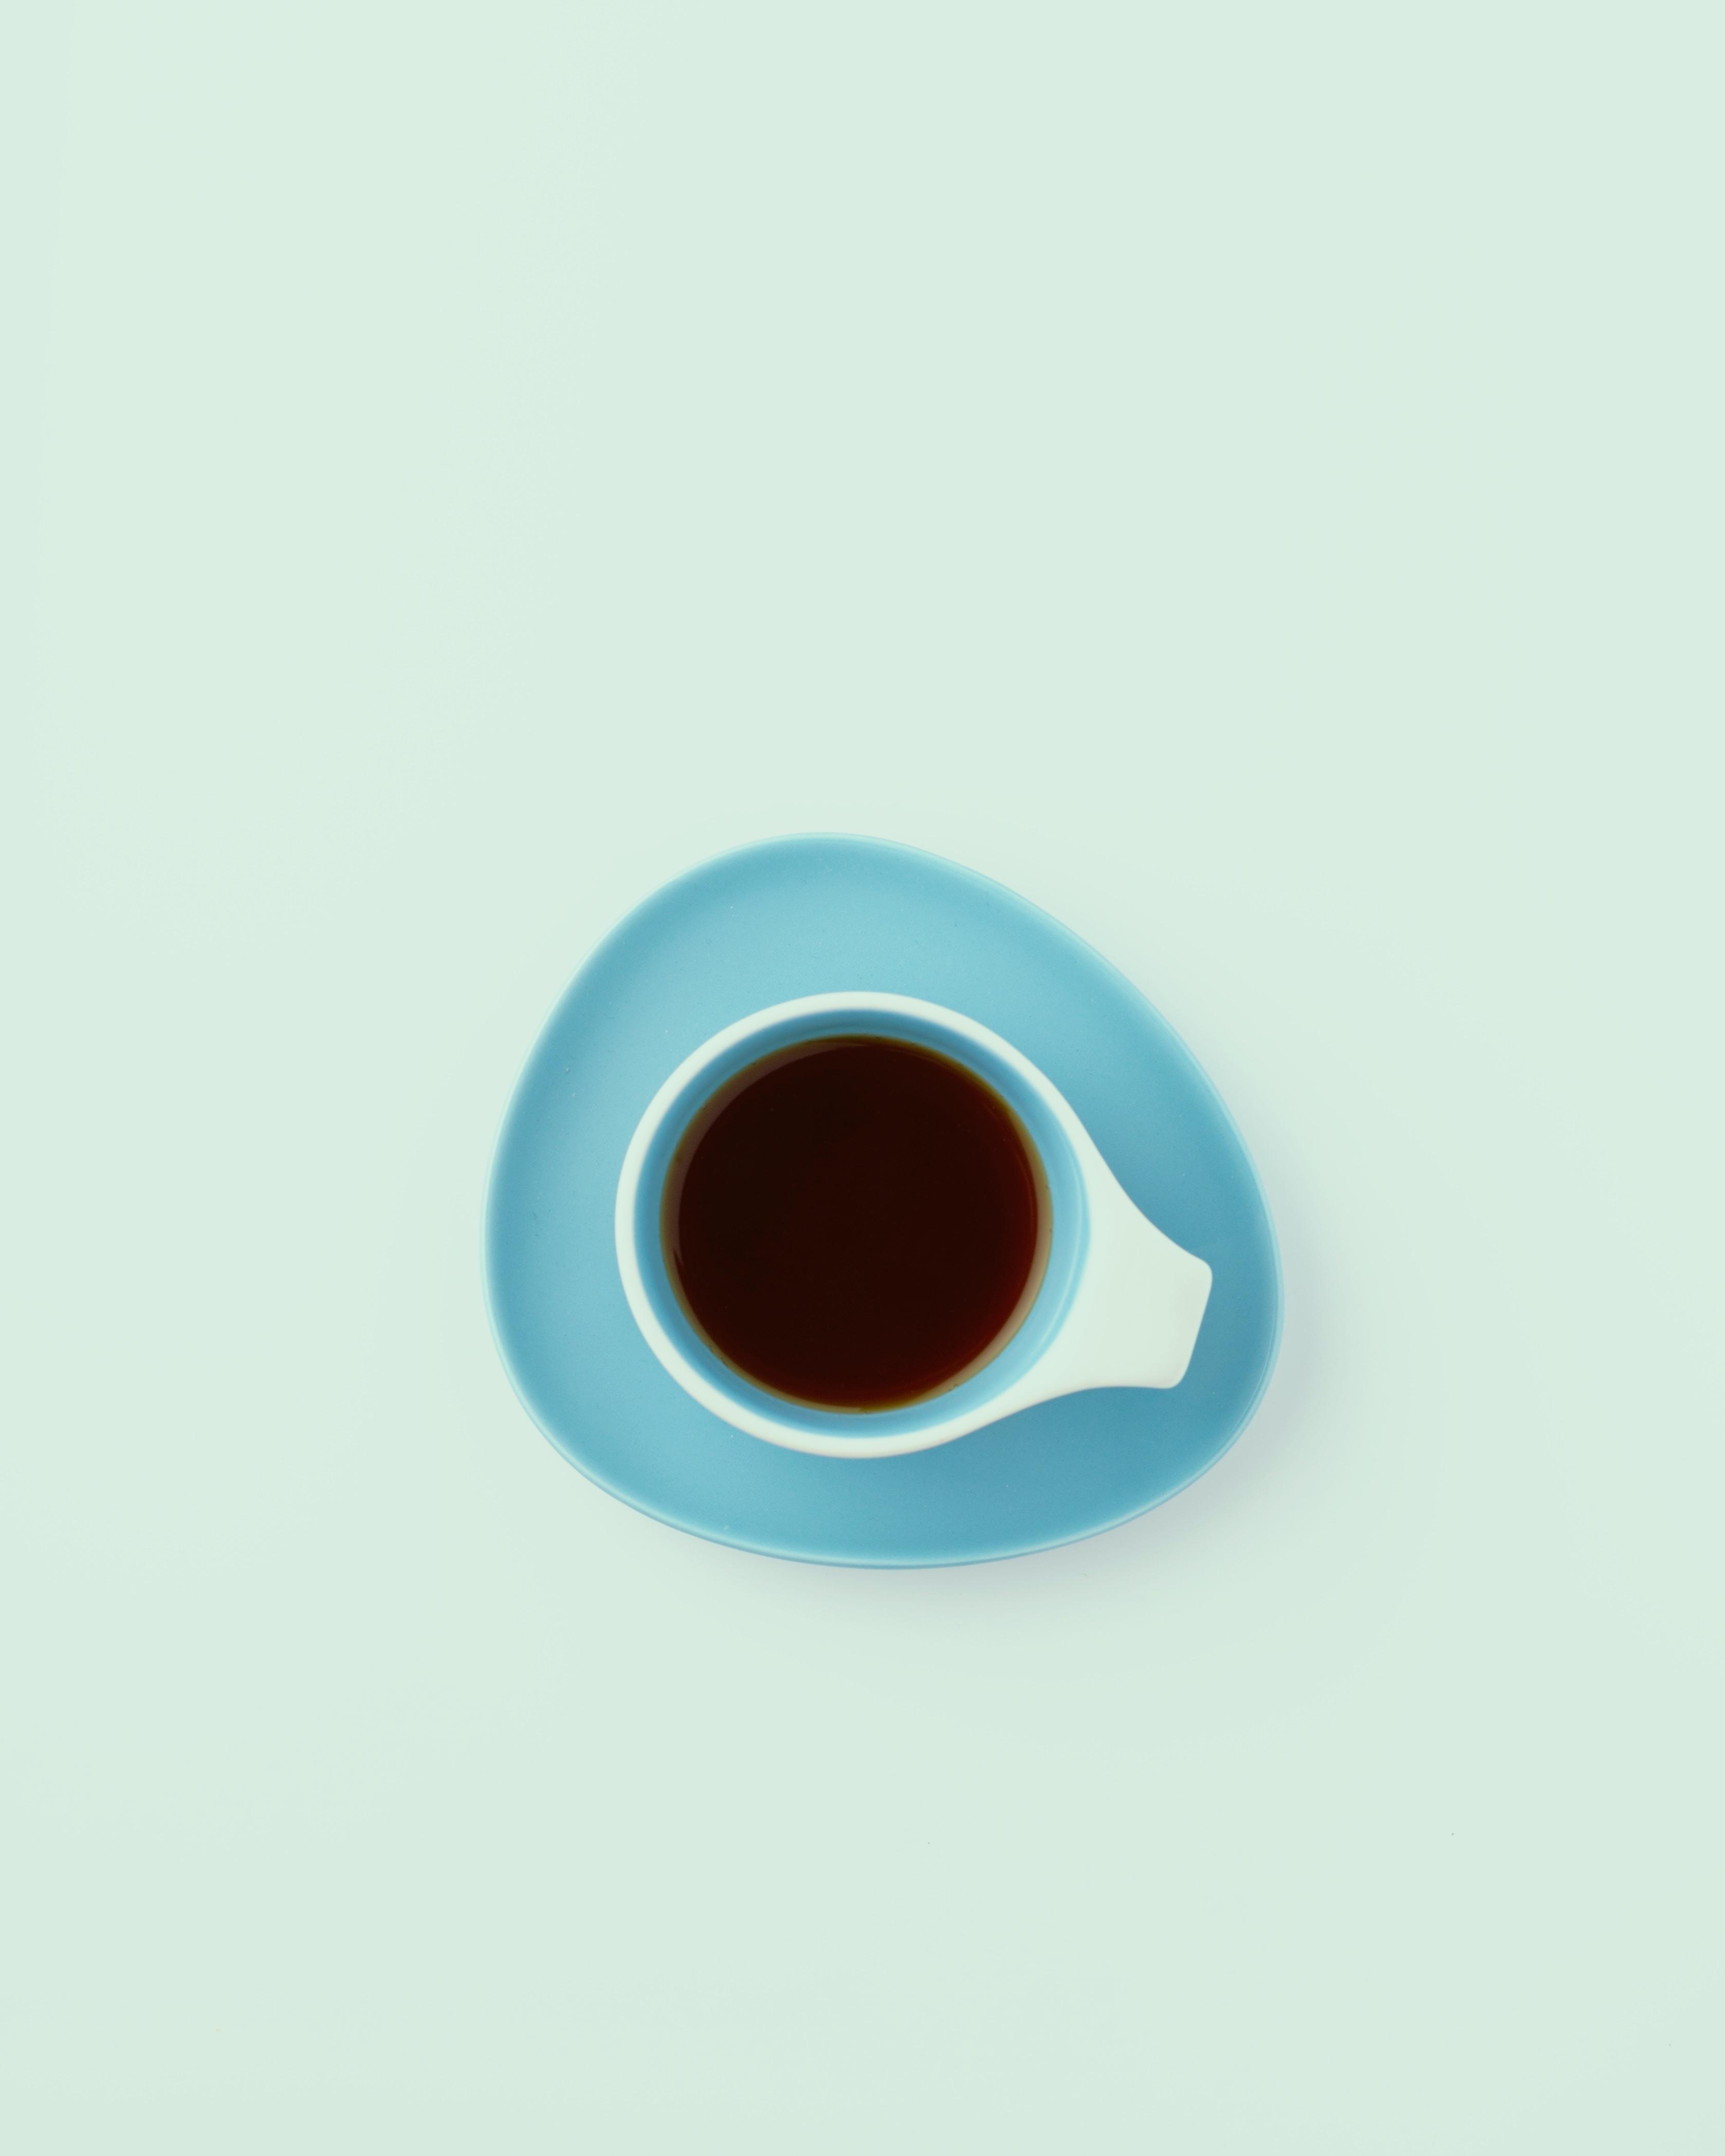 82481 Hintergrundbild herunterladen Getränke, Eine Tasse, Tasse, Minimalismus, Trinken, Tee - Bildschirmschoner und Bilder kostenlos